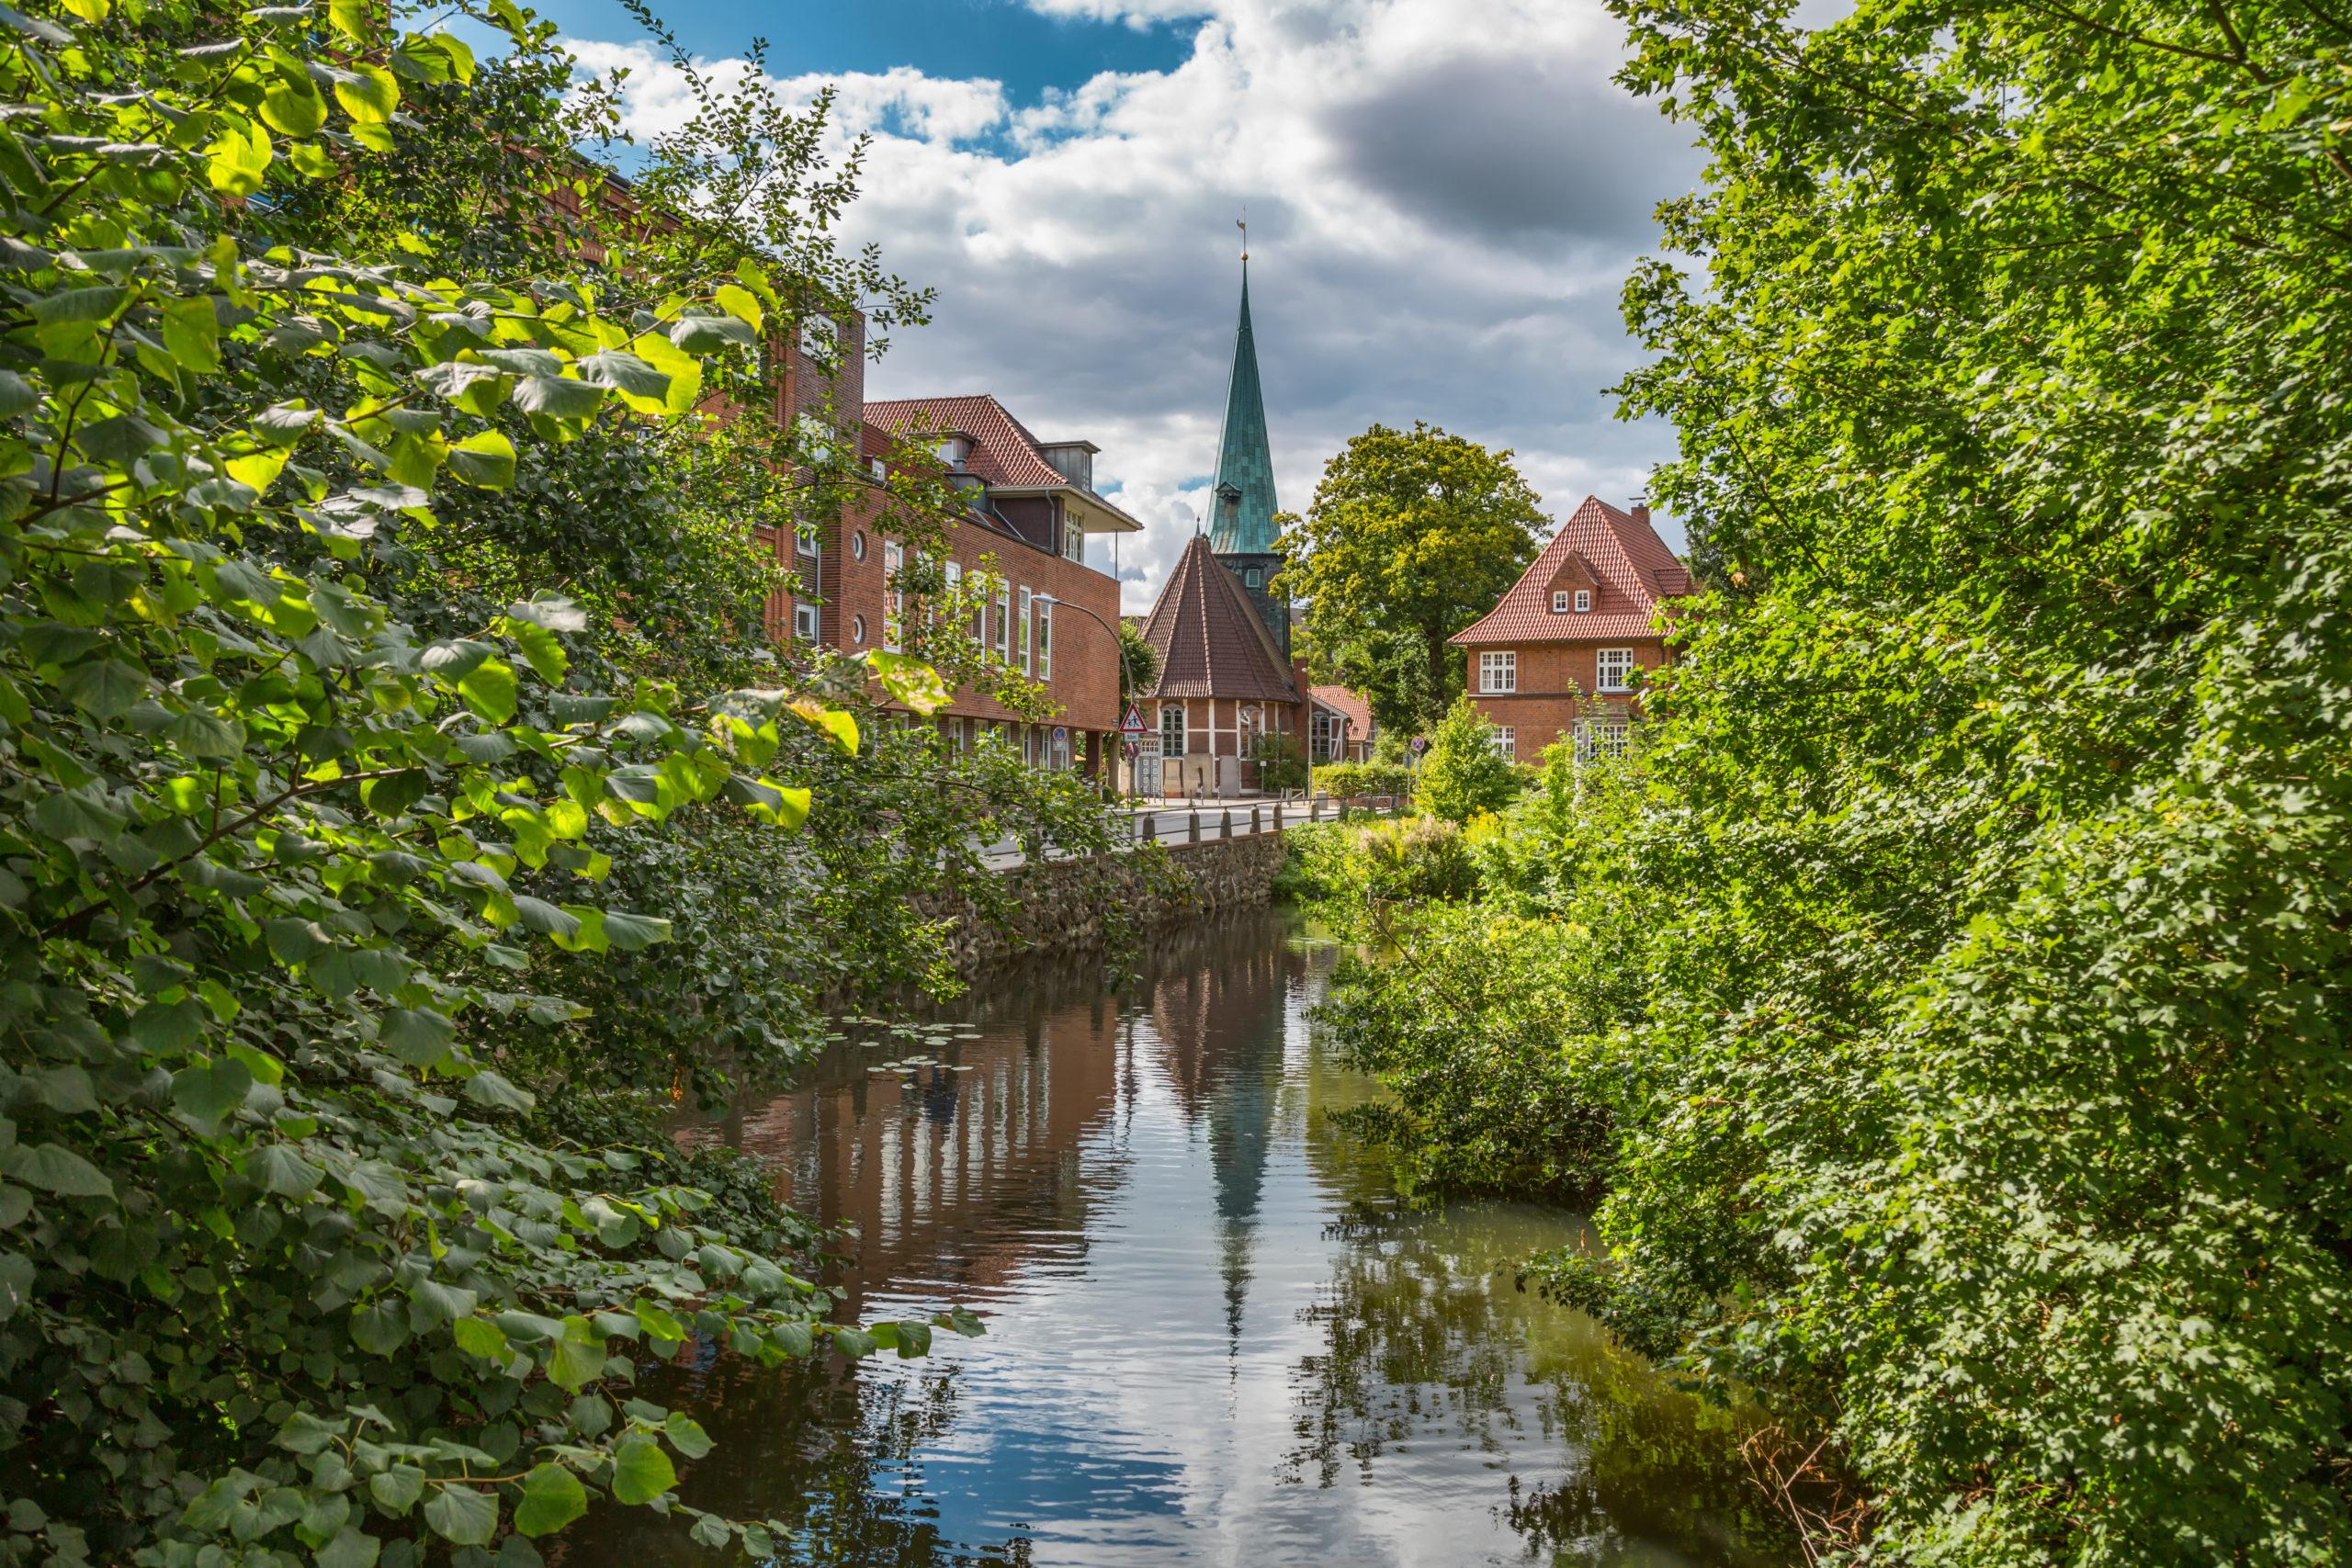 Haushaltsauflösung und Entrümpelung in Bergedorf